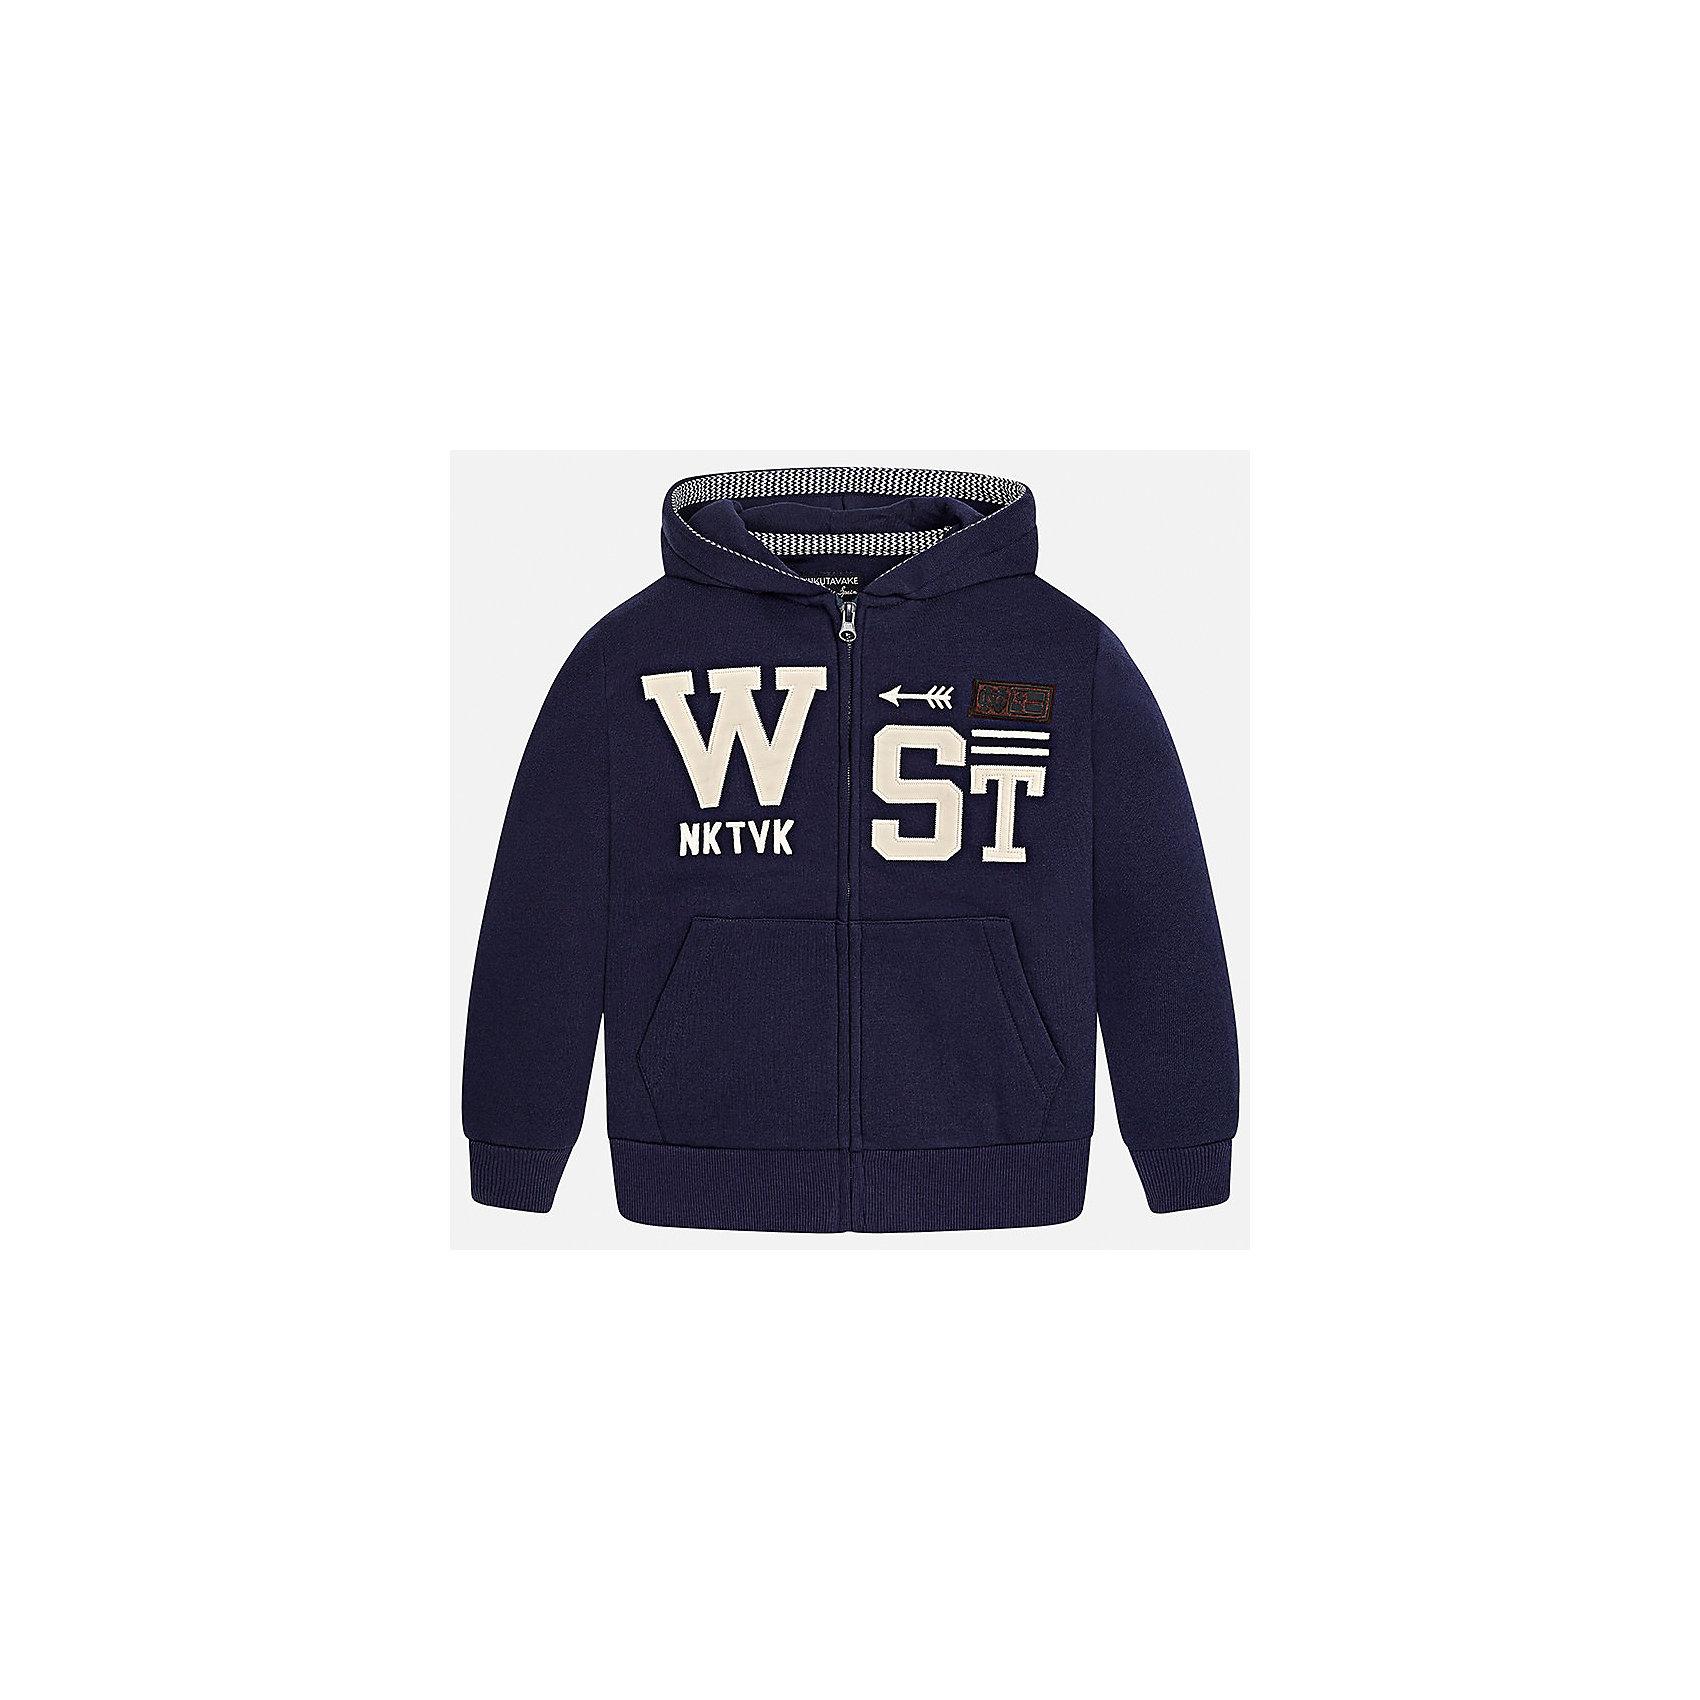 Куртка для мальчика MayoralТолстовки<br>Характеристики товара:<br><br>• цвет: темно-синий;<br>• состав ткани: 60% хлопок, 40% полиэстер;<br>• с капюшоном;<br>• с мягким внутренним начесом;<br>• кенгуру-карман спереди;<br>• сезон: демисезон;<br>• страна бренда: Испания;<br>• страна изготовитель:Бангладеш.<br><br>Толстовка для мальчика от популярного бренда Mayoral с незначительным мягким начесом, очень приятного на ощупь и практичного в носке. Модель застягивается на молнию,  украшена контрастным принтом  спереди, дополнена удобным боковыми карманами, а также широкими эластичными резинками на манжетах и по нижнему краю.<br><br>Трикотажная тостовка Mayoral смотрится стильно и аккуратно, идеально подойдет для повседневной одежды  и прекрасно сочетается с различными предметами гардероба.<br><br>Для производства детской одежды популярный бренд Mayoral используют только качественную фурнитуру и материалы. Оригинальные и модные вещи от Майорал неизменно привлекают внимание и нравятся детям.<br><br>Толстовку для мальчика для мальчика Mayoral (Майорал) можно купить в нашем интернет-магазине.<br><br>Ширина мм: 356<br>Глубина мм: 10<br>Высота мм: 245<br>Вес г: 519<br>Цвет: черный<br>Возраст от месяцев: 168<br>Возраст до месяцев: 180<br>Пол: Мужской<br>Возраст: Детский<br>Размер: 170,128/134,140,152,158,164<br>SKU: 6938680